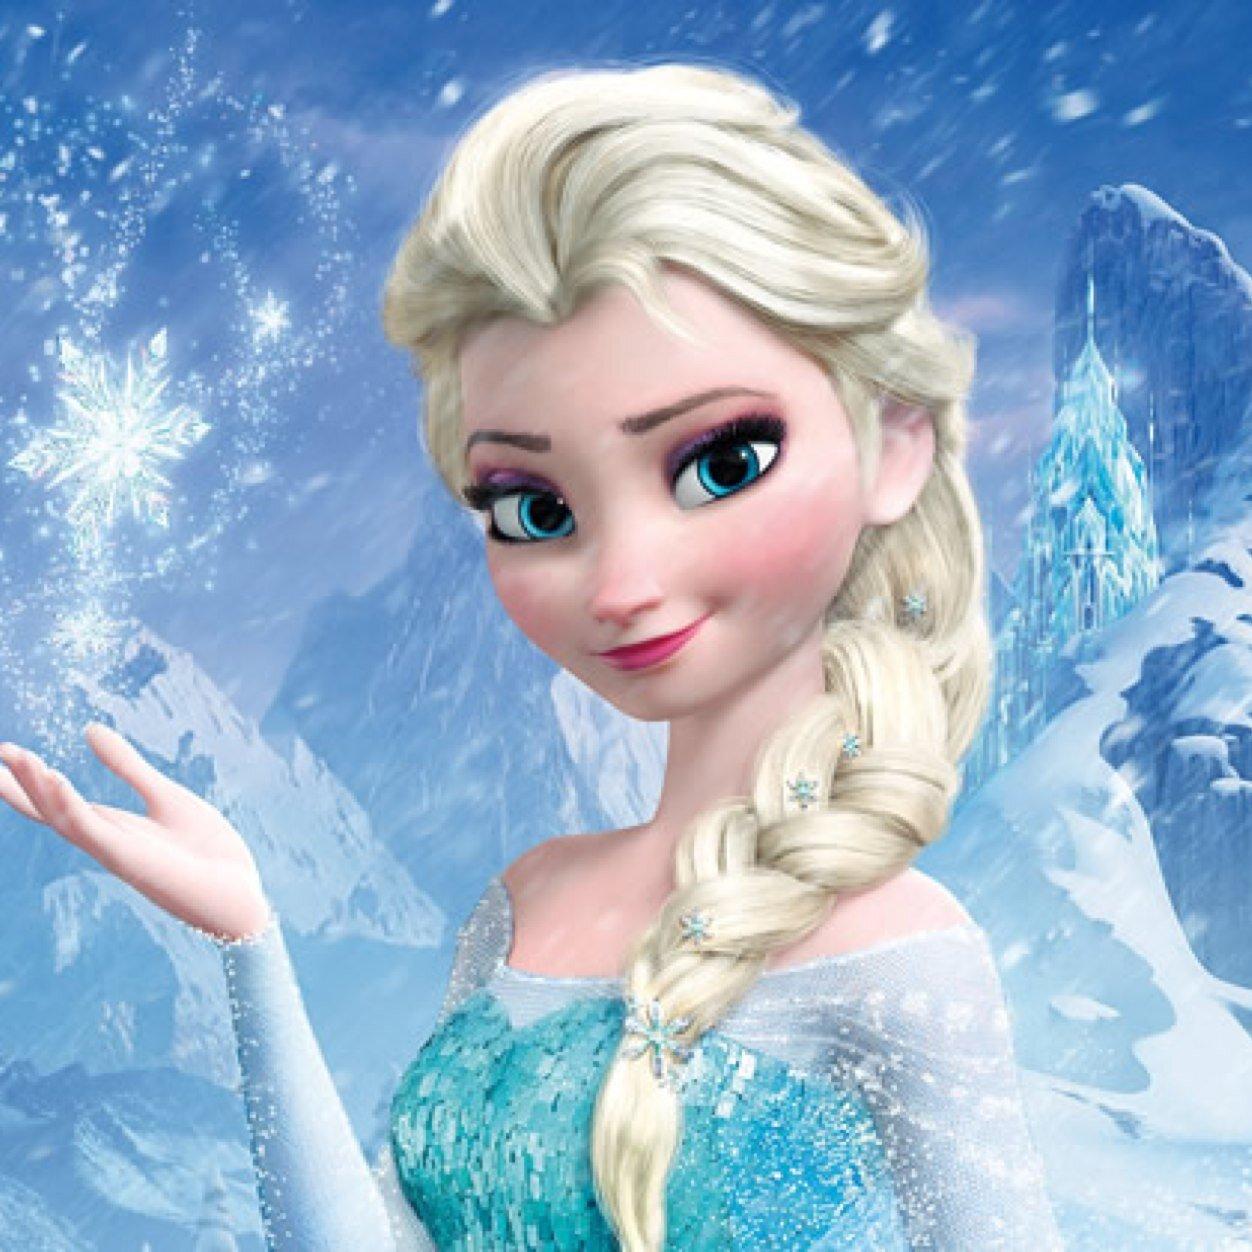 アナ雪のエルサが美しい 壁紙に使える高画質な画像まとめ 写真まとめサイト Pictas